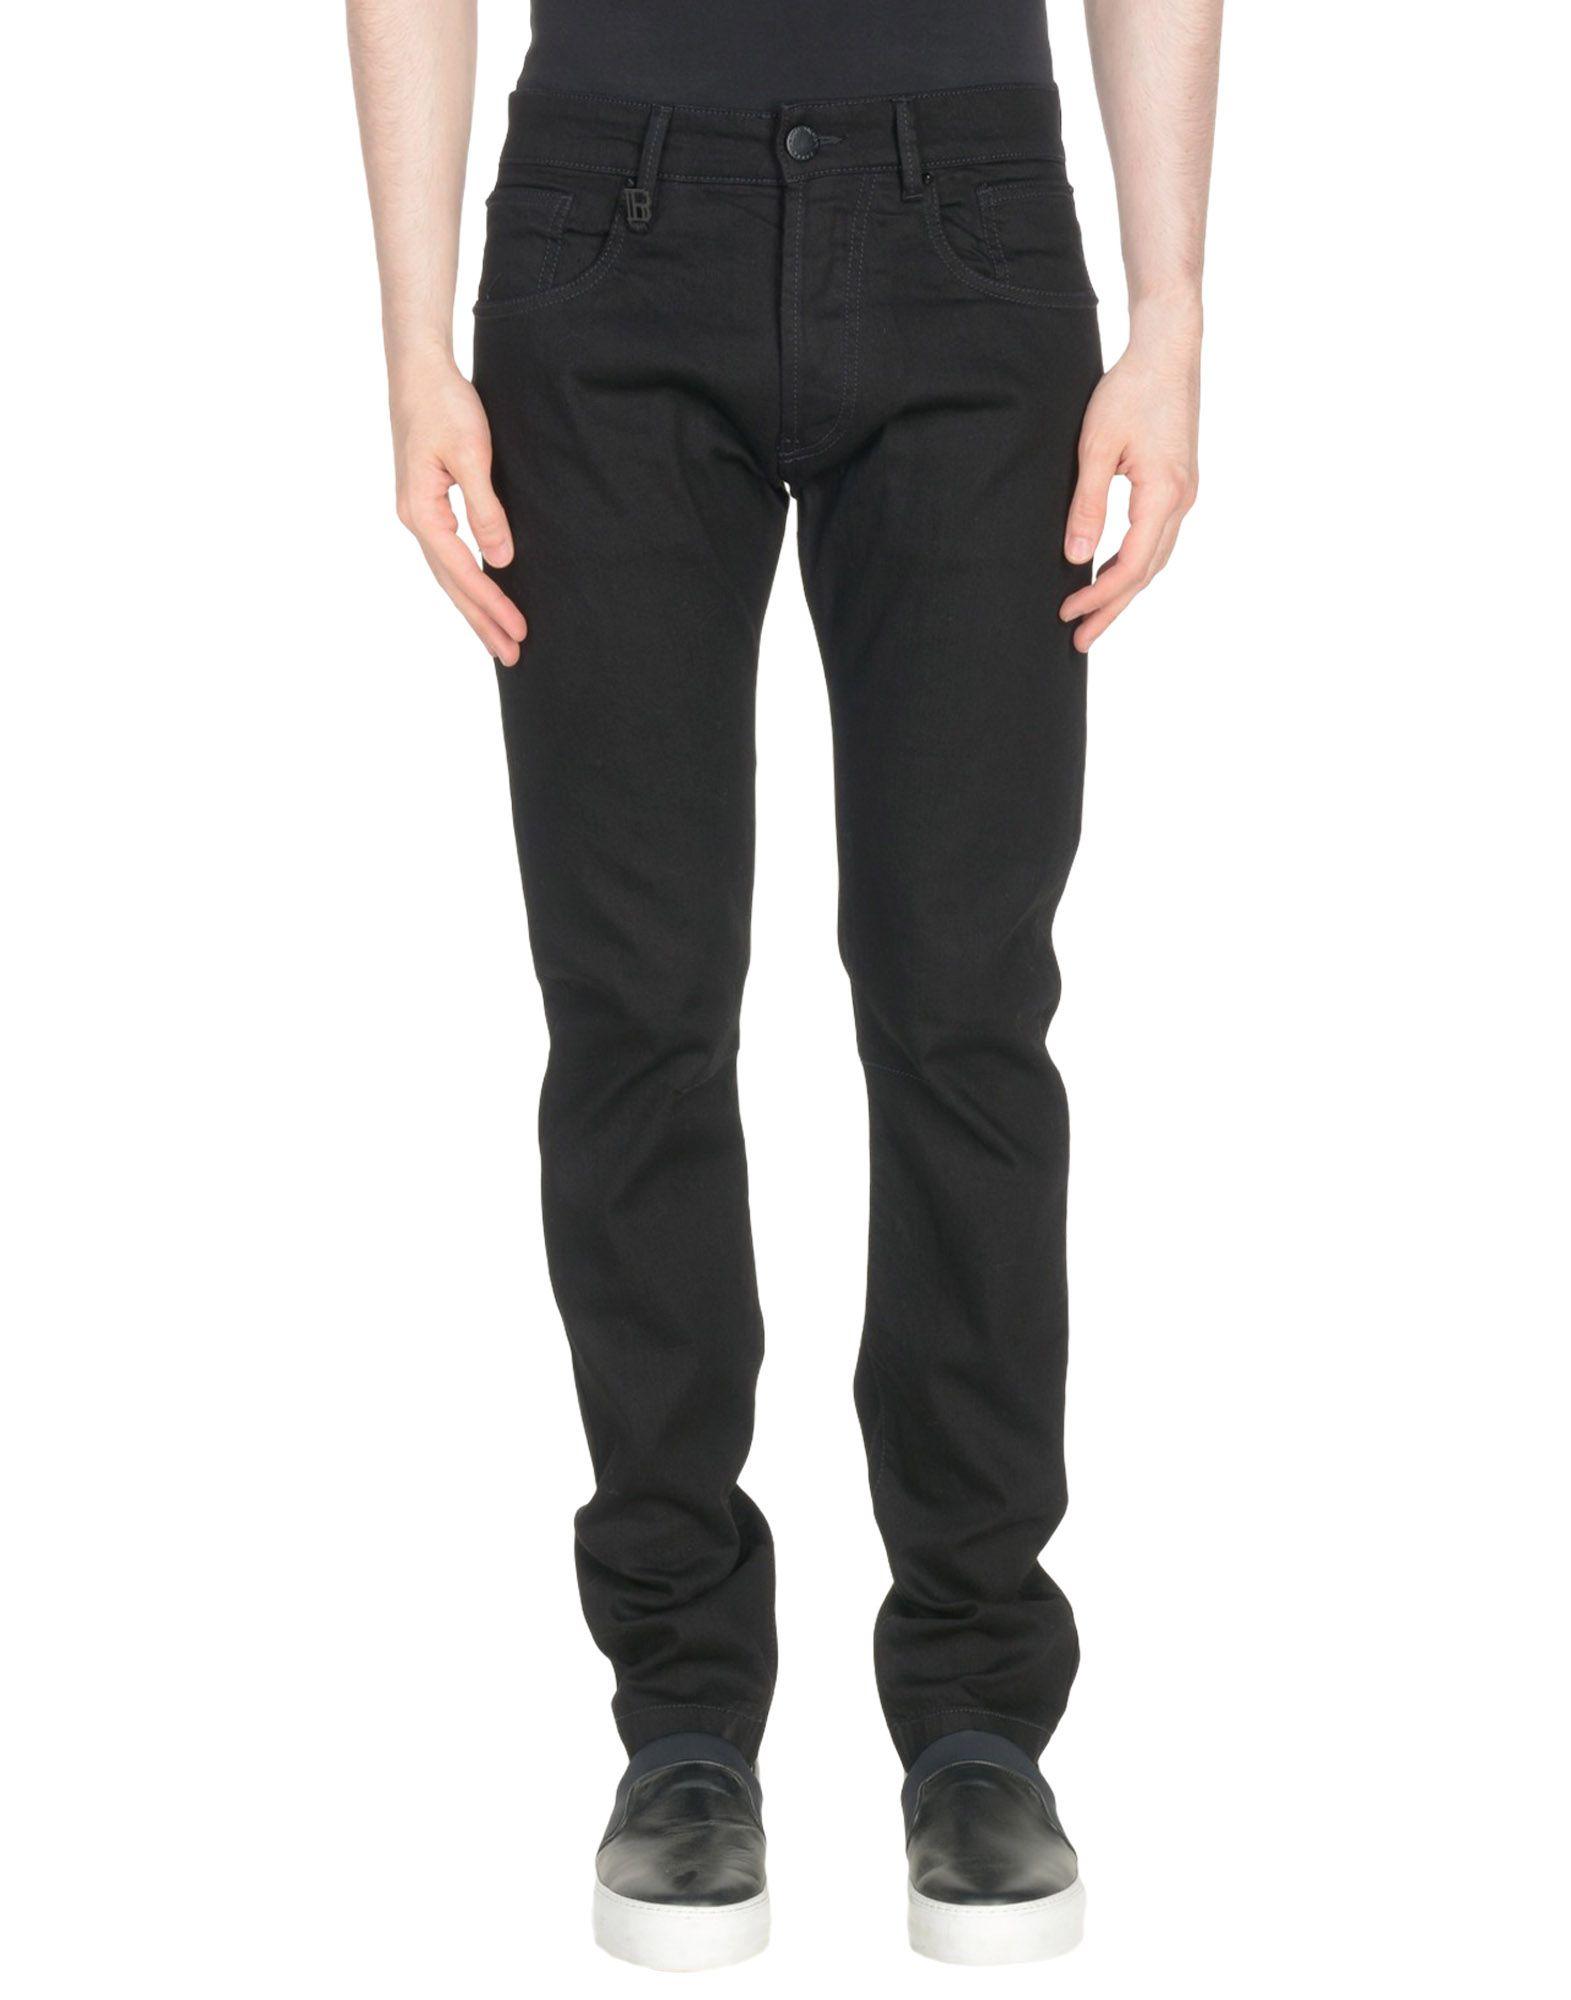 Pantaloni Jeans Pierre - Balmain Uomo - Pierre 42672971RN 07b8c9